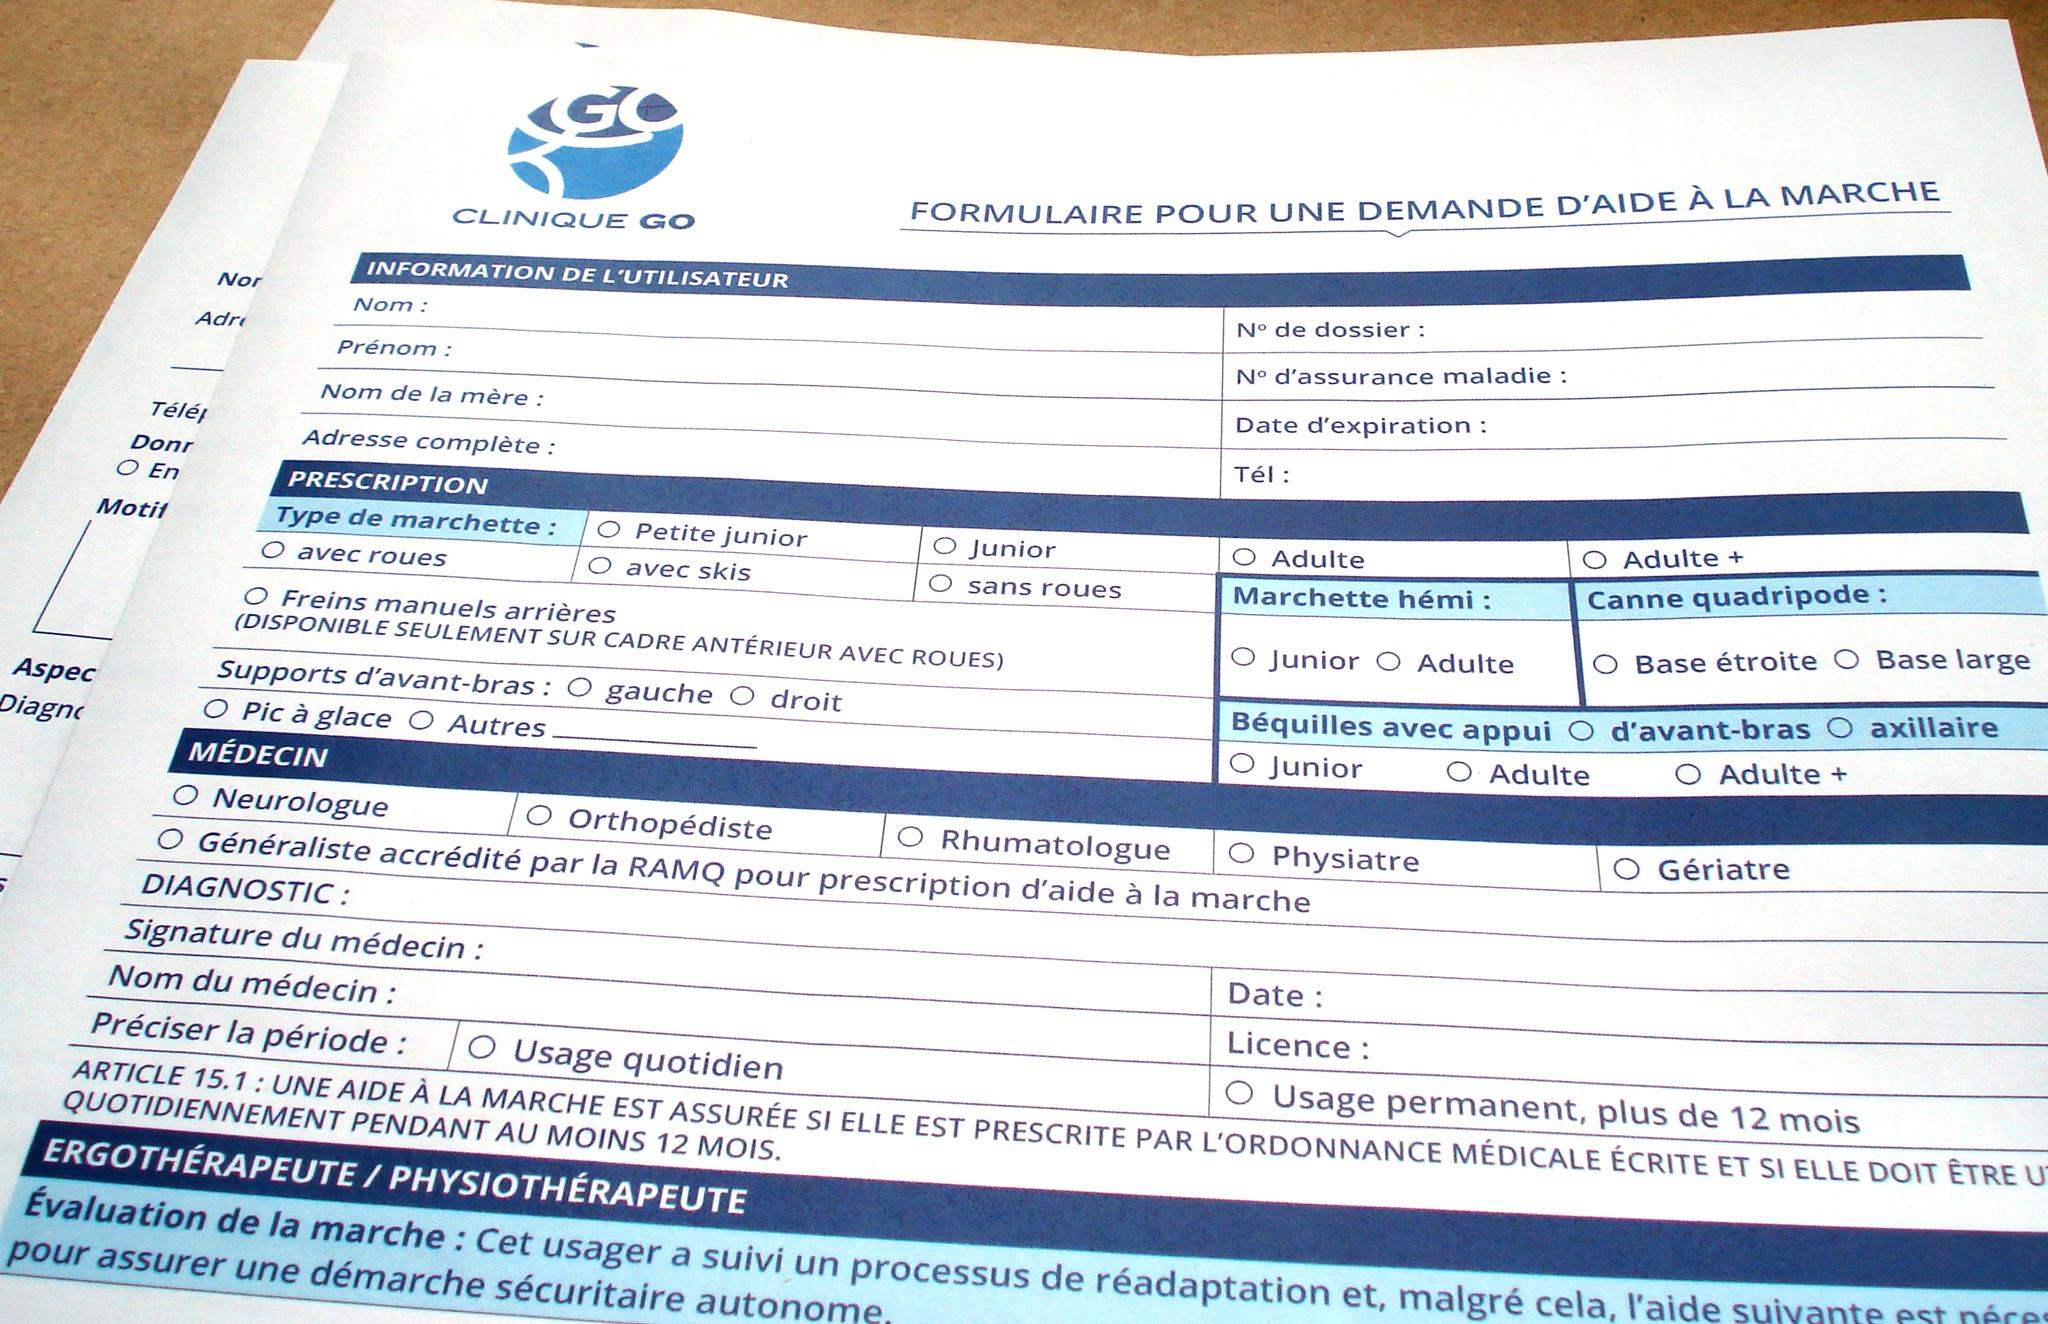 Série de formulaires interactifs de suivi médicale de Clinique GO.